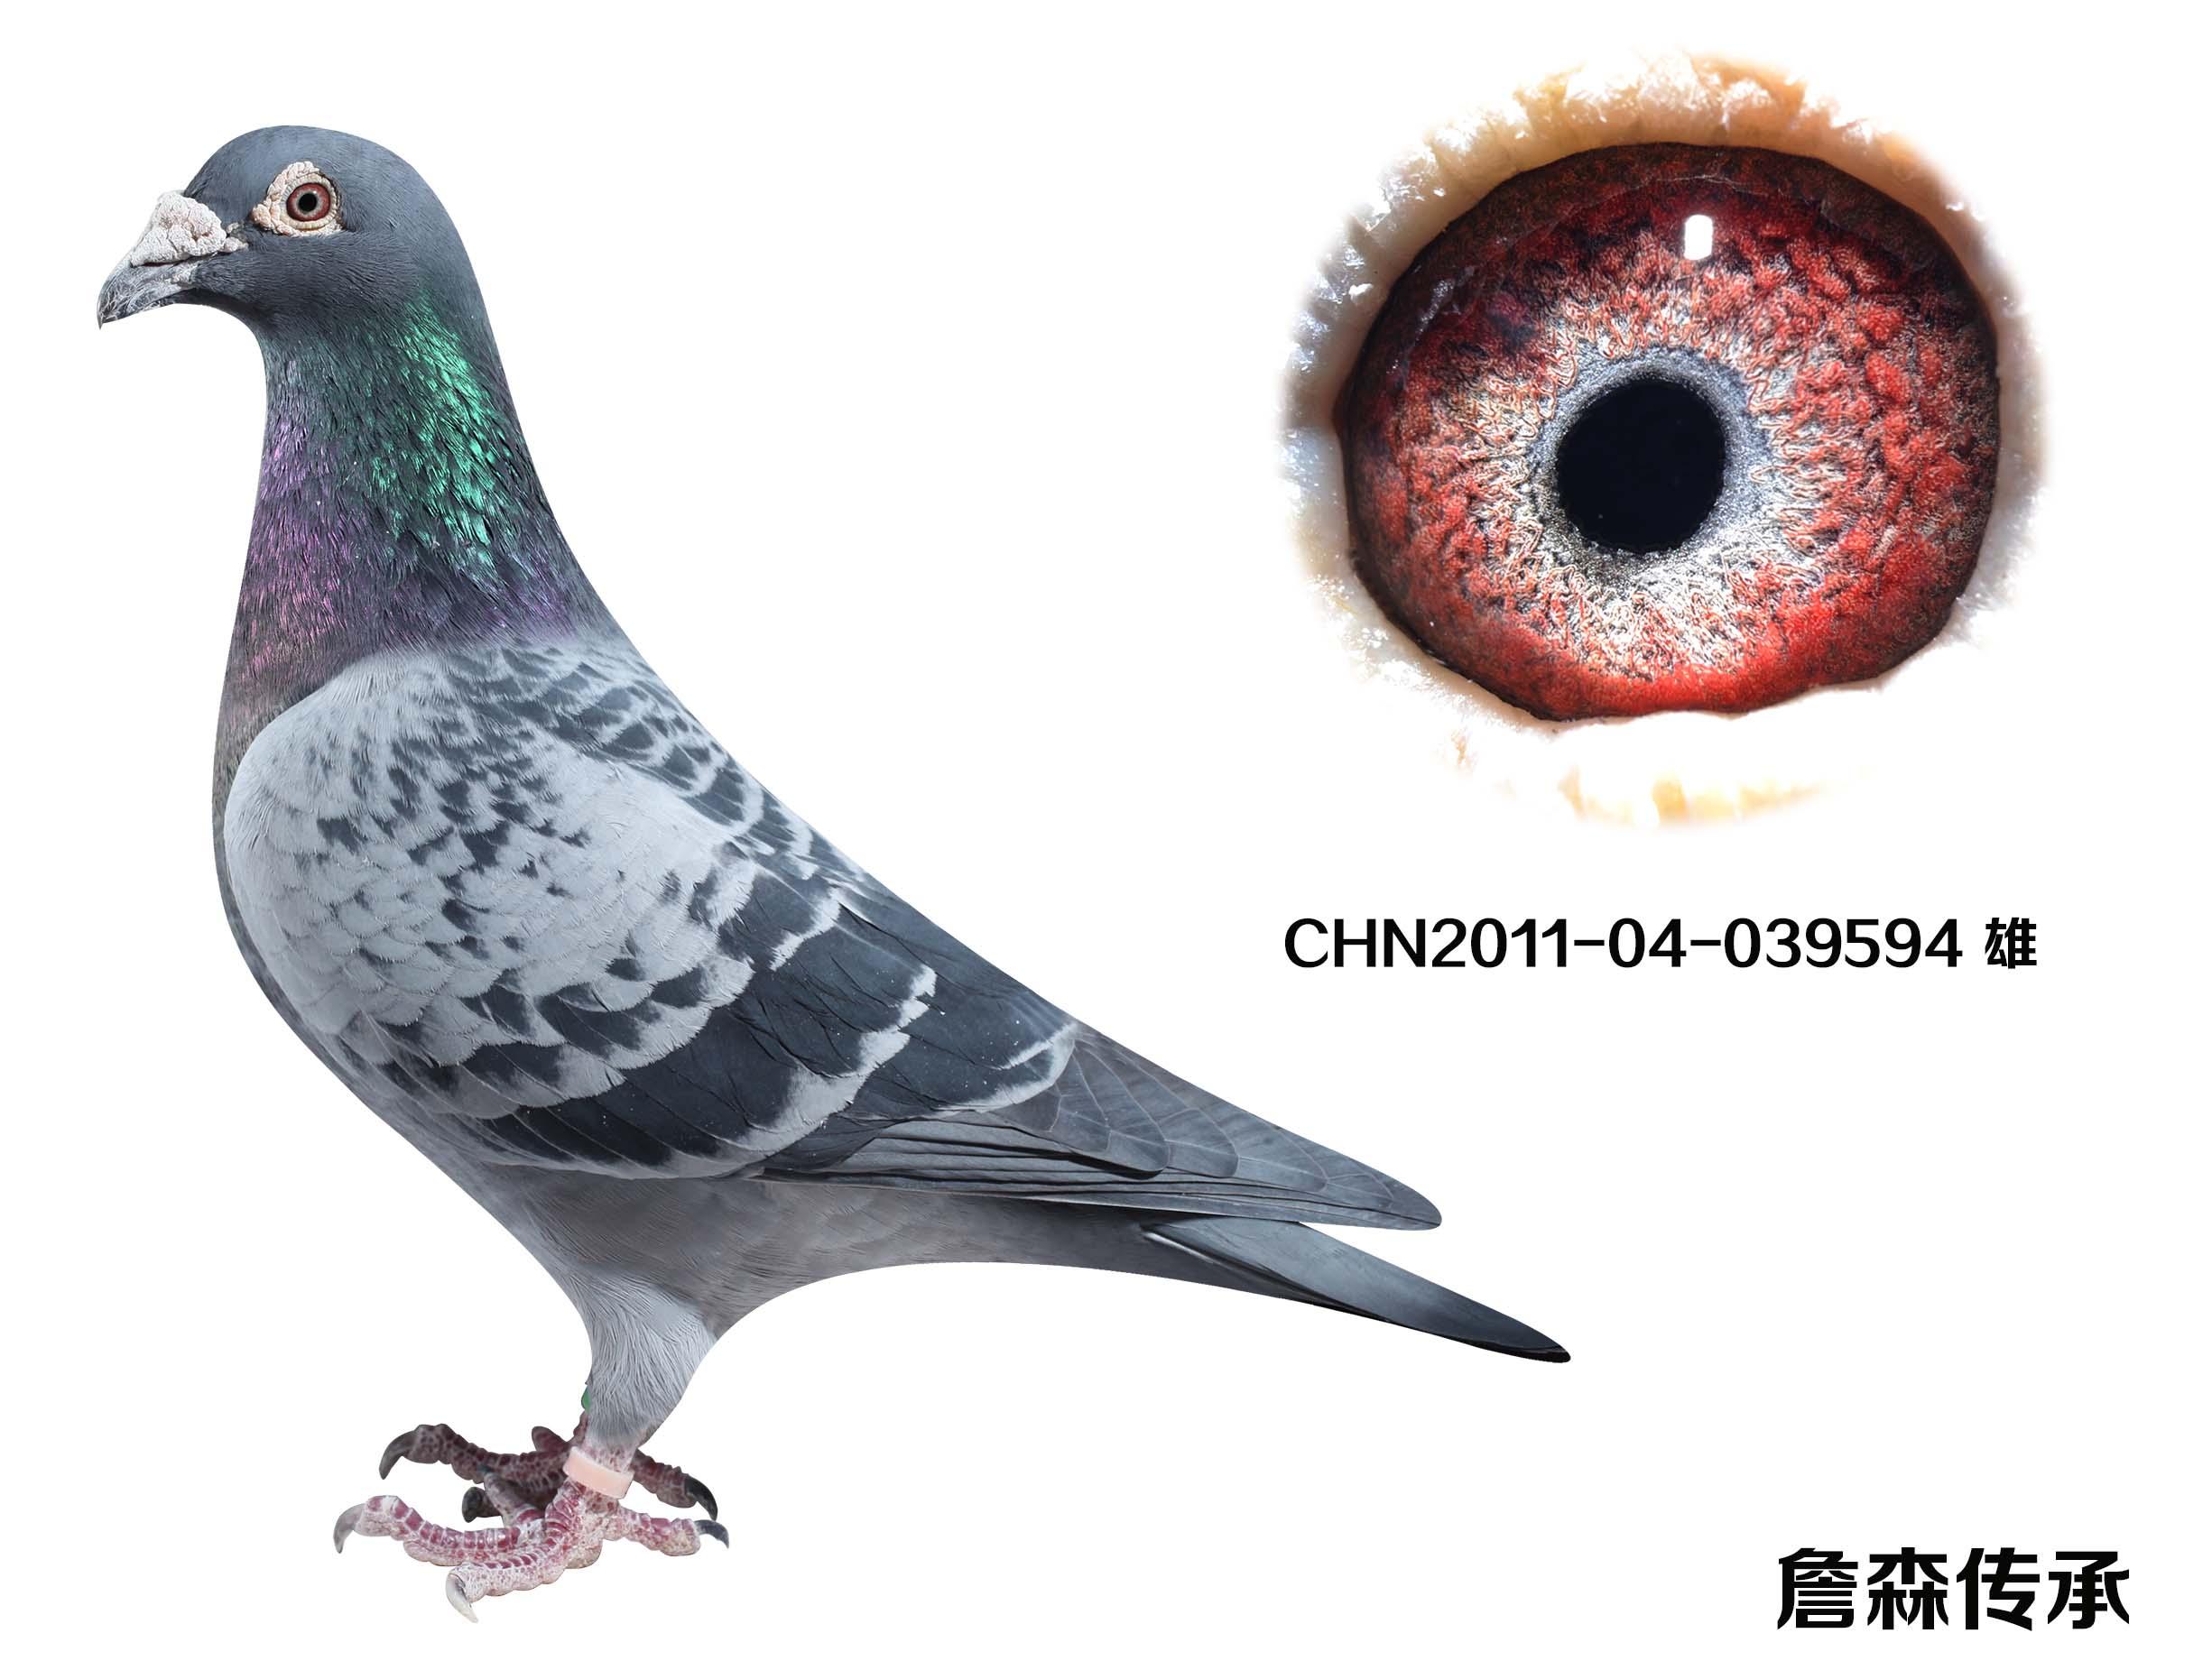 鸽子鸽老虎动物图示鸟教学2451_1841方格子鸟类教案v鸽子图片